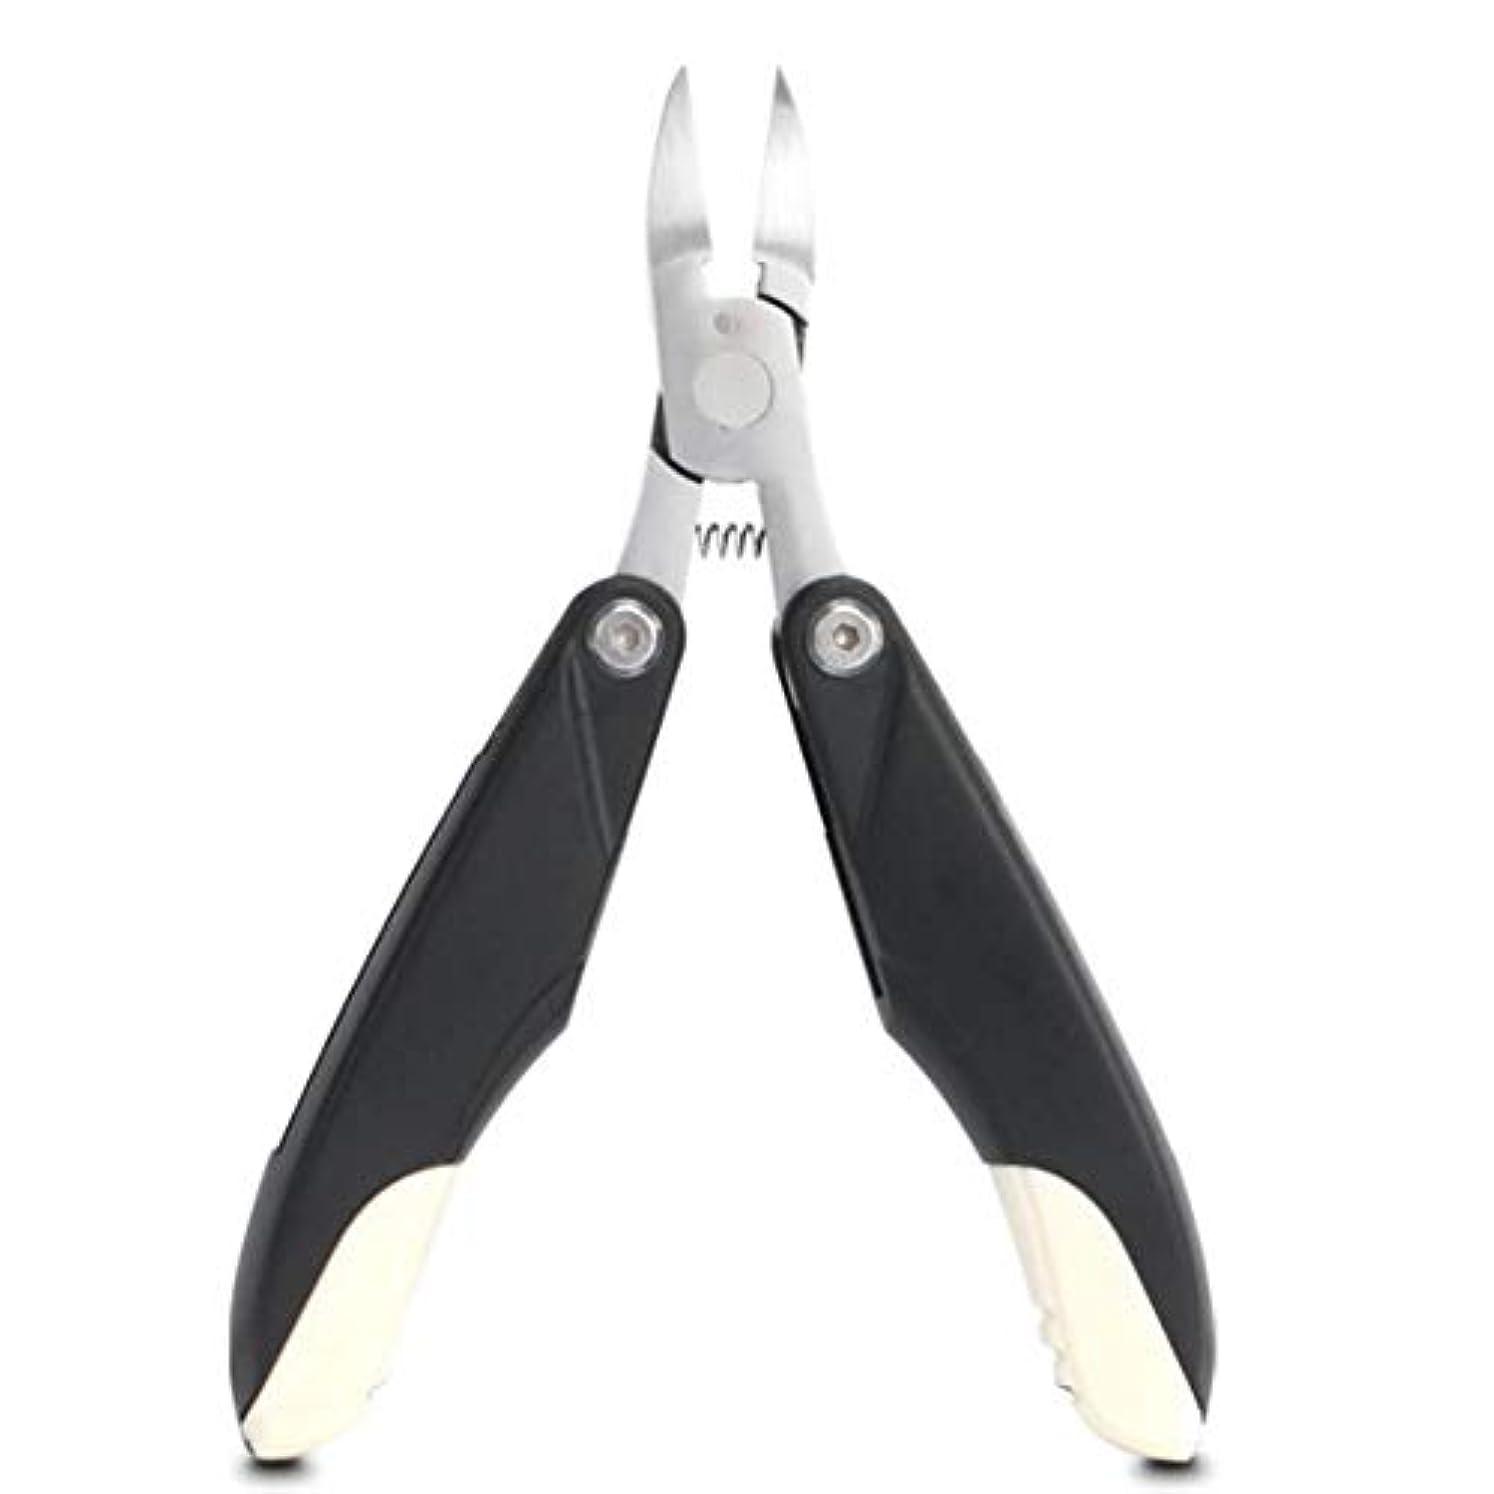 衰えるモバイルブレークニッパー式 爪切り ステンレス製 ソフトグリップ ネイルケア 折りたたみ可能 足用 手用 巻きつめきり 陥入爪 変形爪 甘皮などに適用 男女兼用 junexi